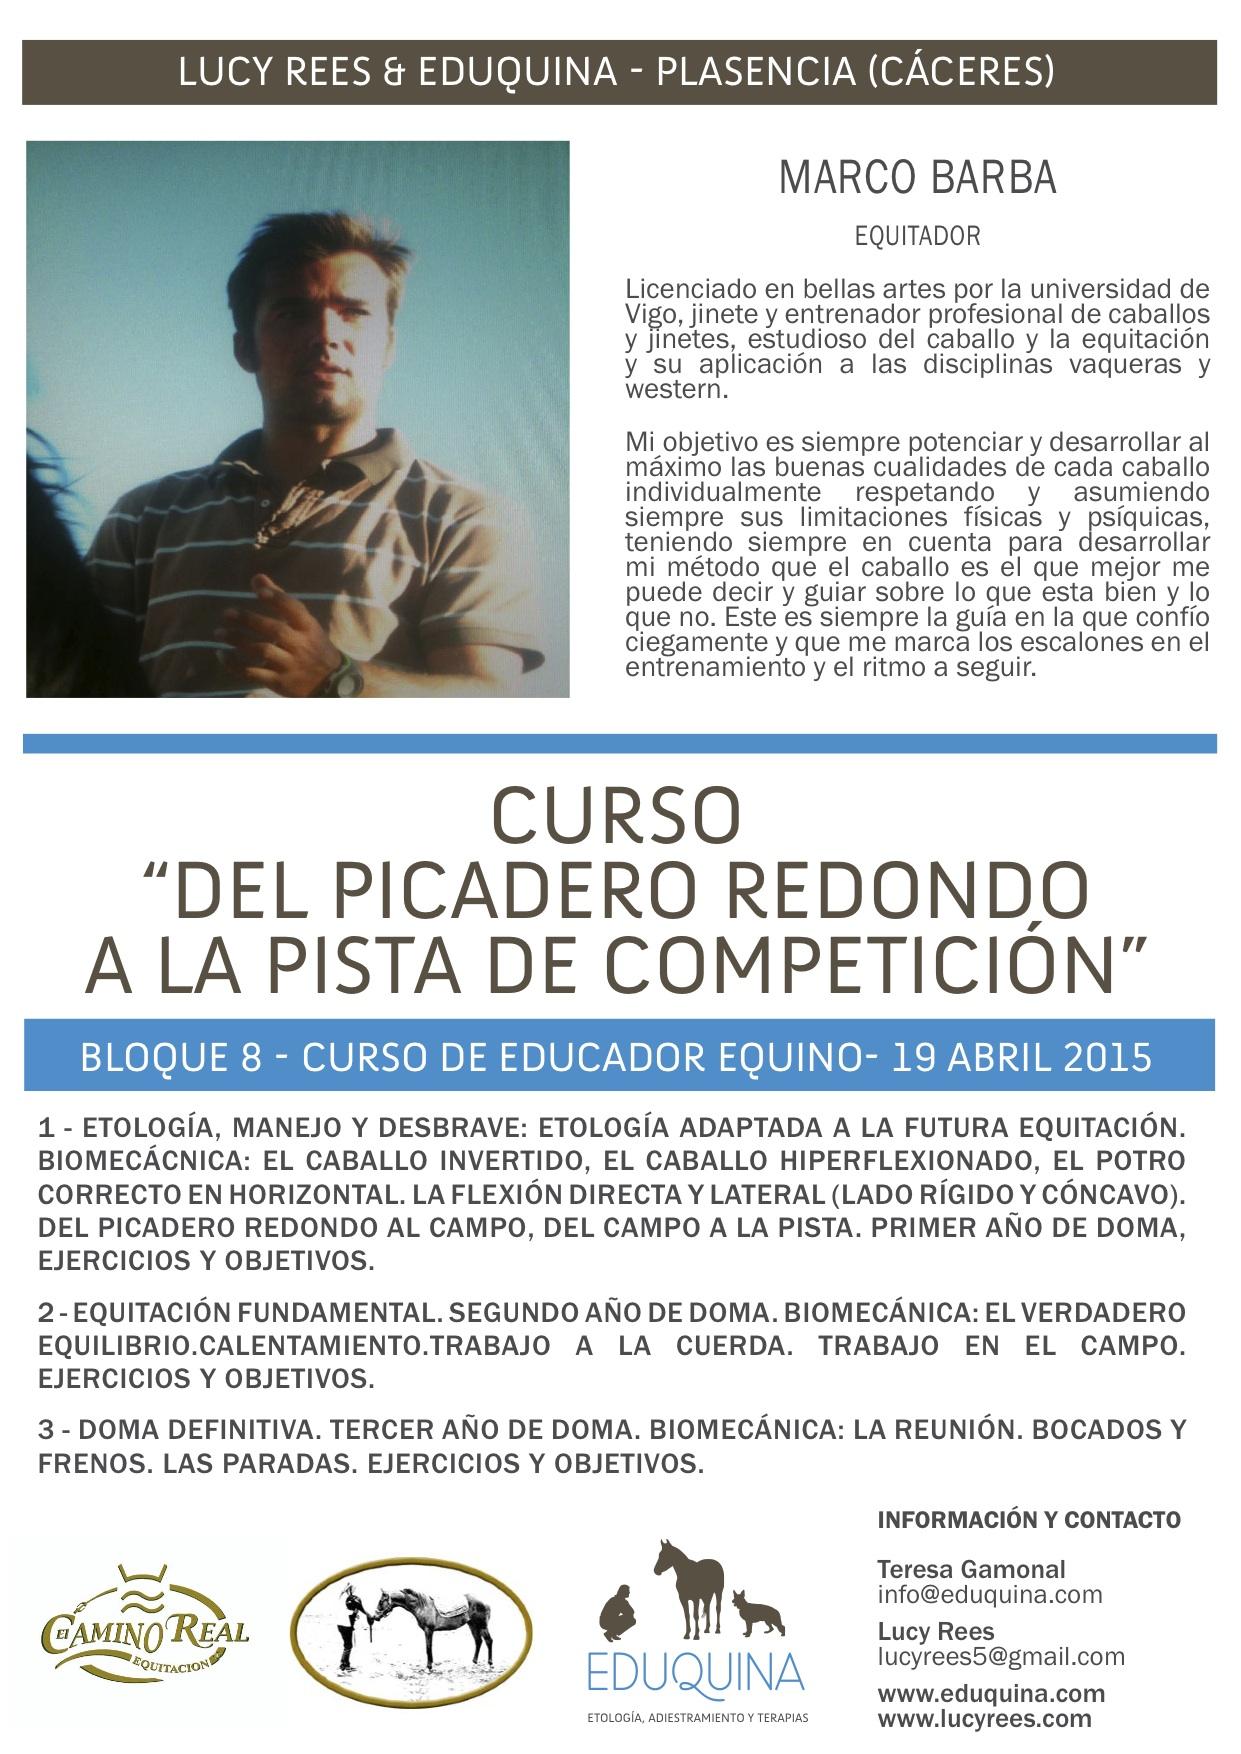 Curso: Del Picadero Redondo a la Pista de Competición.